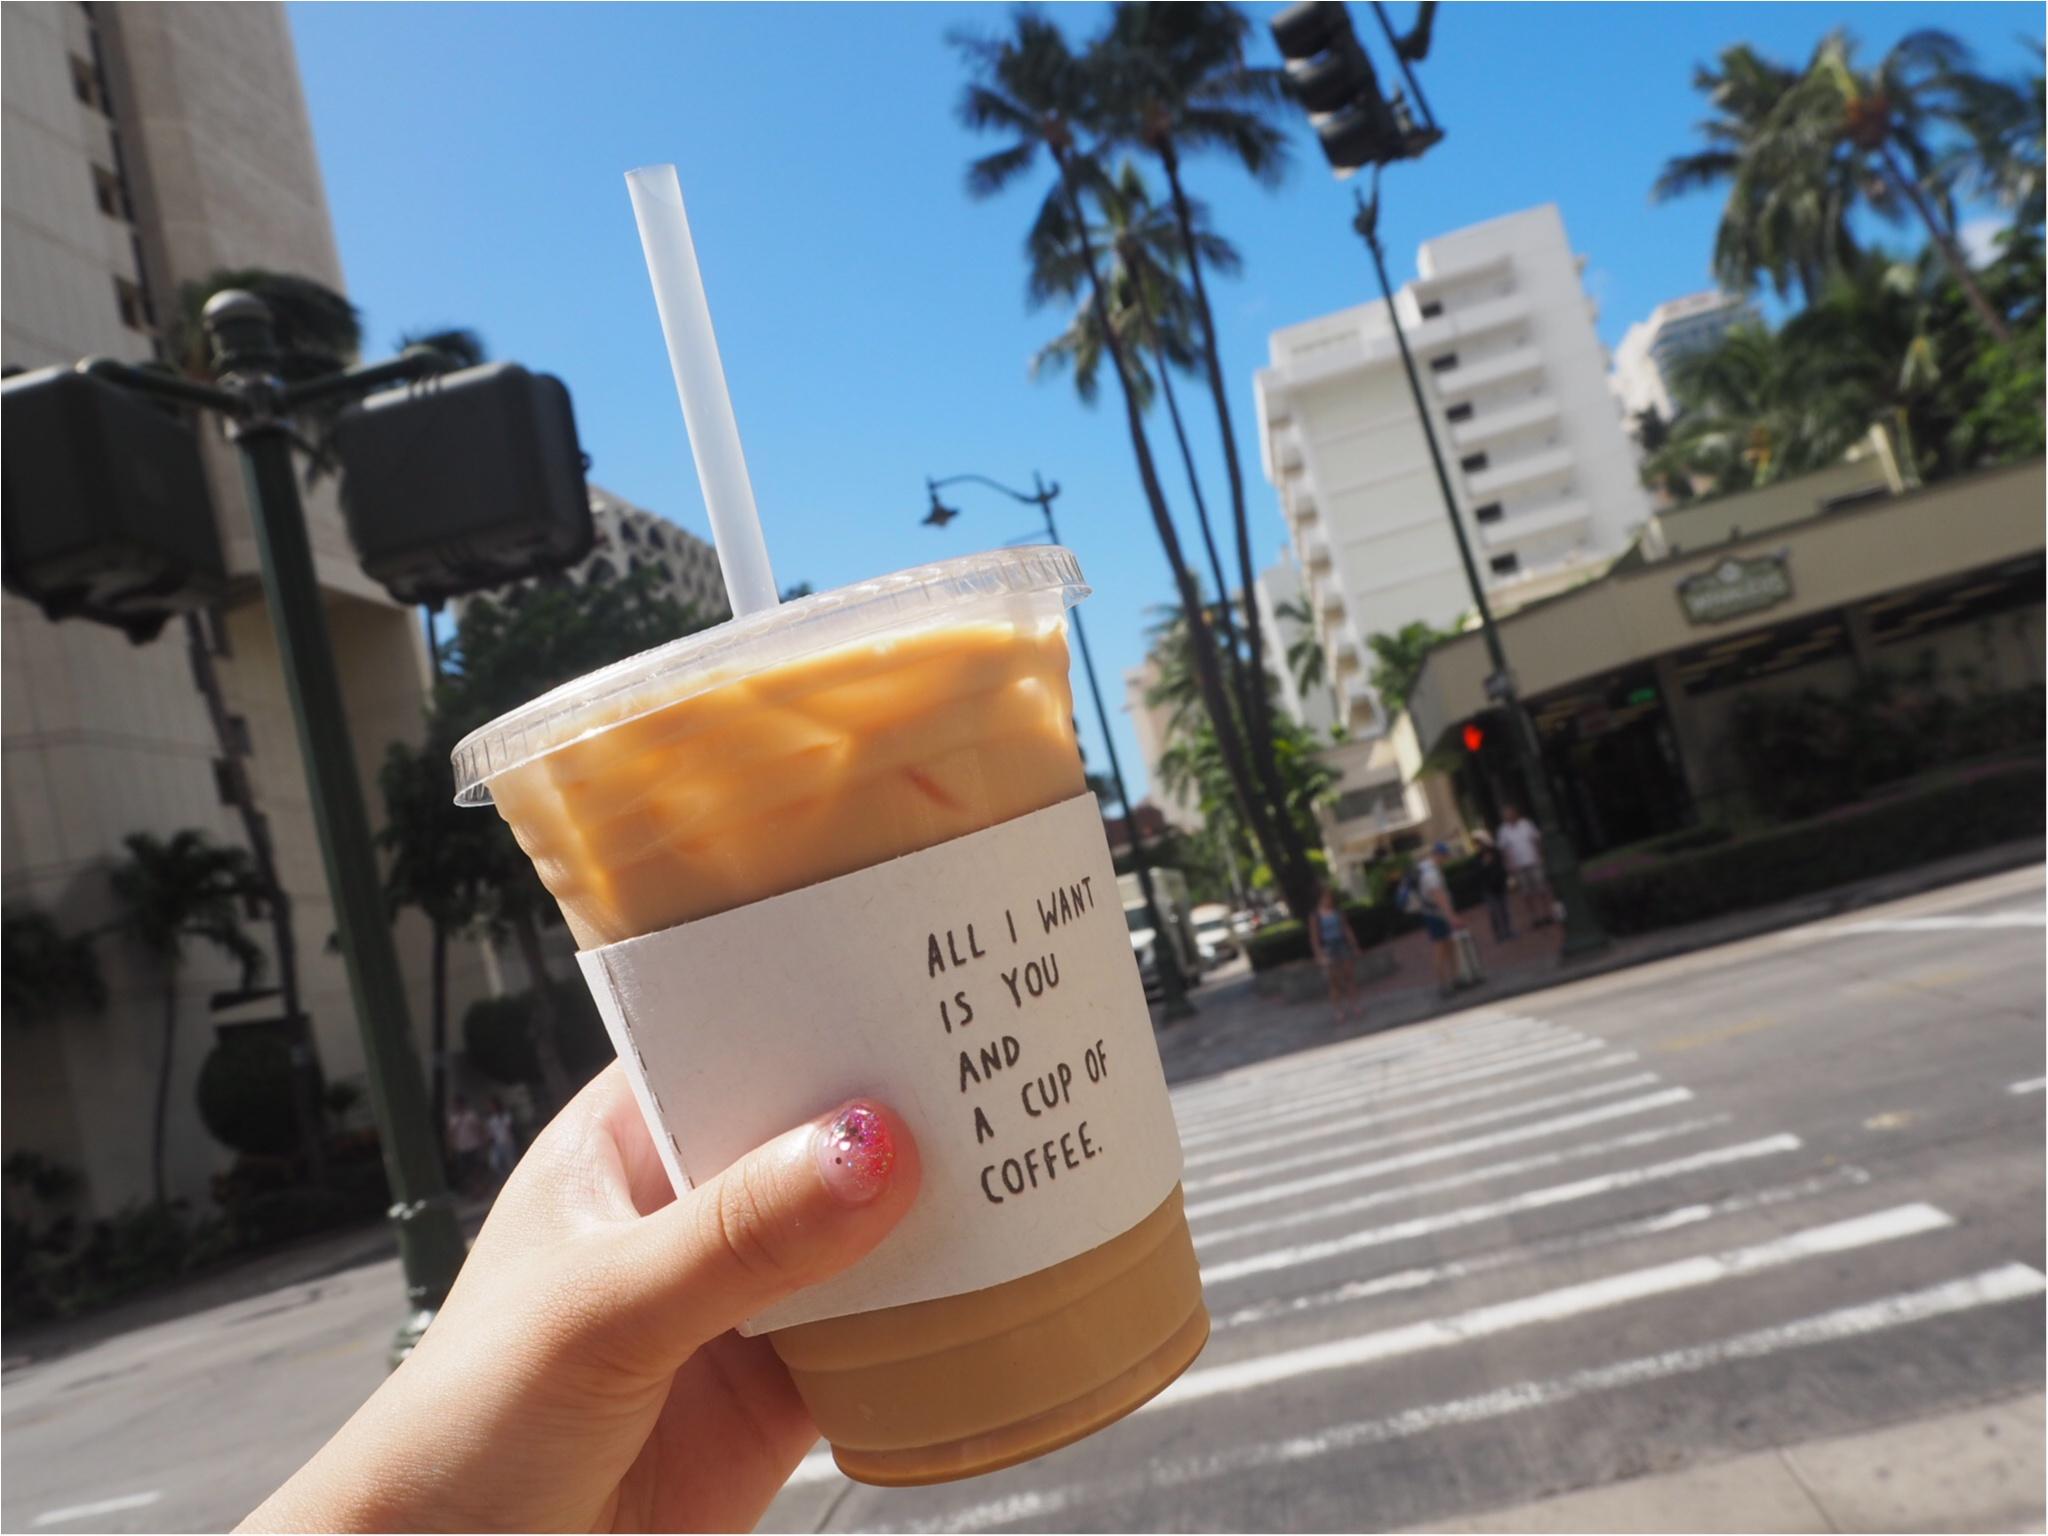 ハワイ/ホノルルをおさんぽ♪カップがかわいいと話題のコーヒースタンド♡_11